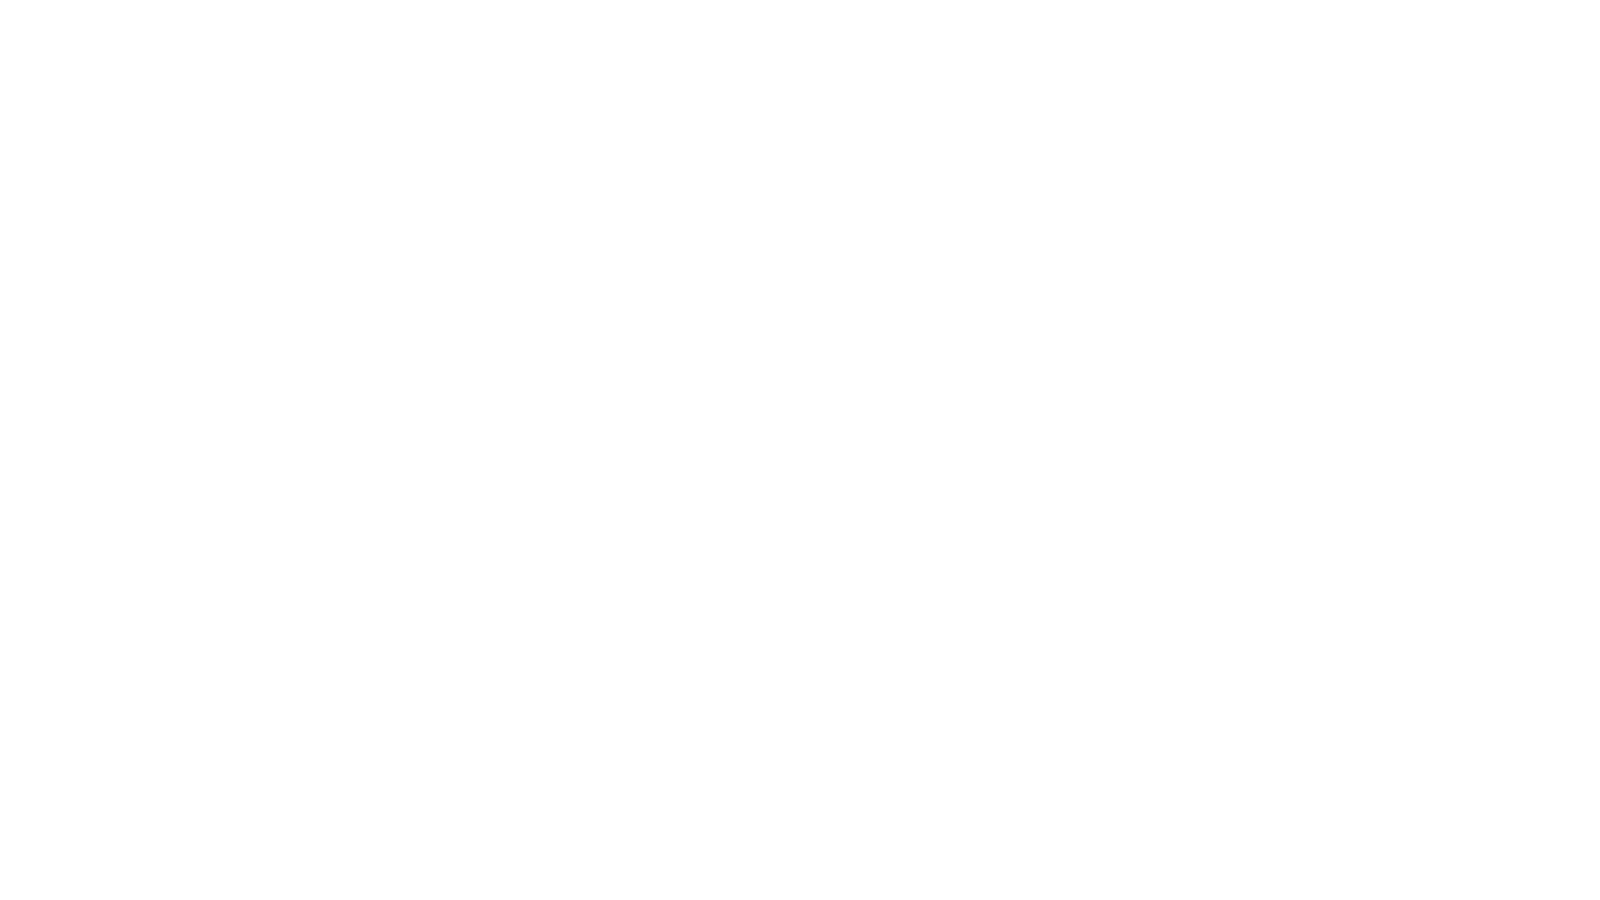 Một trong những Bài giảng của Giáo viên Trường Hồng Đức, Cảm ơn các bạn vẫn luôn theo dõi và ủng hộ kênh của Trường Hồng Đức #HồngĐức --- Chào mừng bạn đến với Youtube chính thức của Trường Hồng Đức TP. Hồ Chí Minh Các bạn nhớ Subscribe, Like và Share để ủng hộ tinh thần cho Ad và nhận được những thông tin, video mới nhất về các các bài giảng nhé! website chính thức: https://www.hongduc.vn Hotline: 039.226.7777 Rất cảm ơn cả nhà đã ủng hộ Hồng Đức trong suốt thời gian qua!